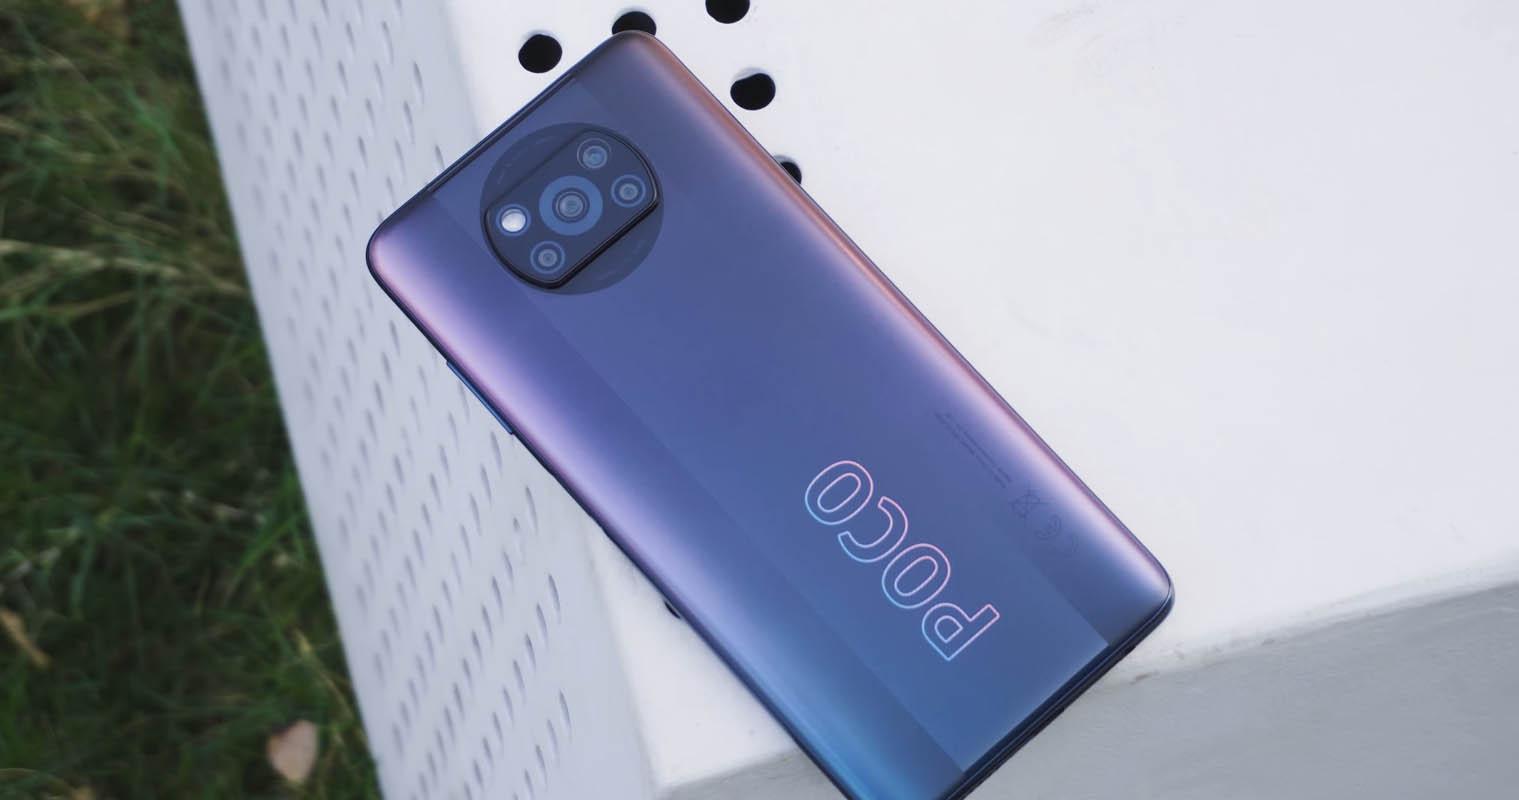 POCO X3 Pro по сносной цене: всего 152 евро с доставкой из Испании. Новости Xiaomi Addicts